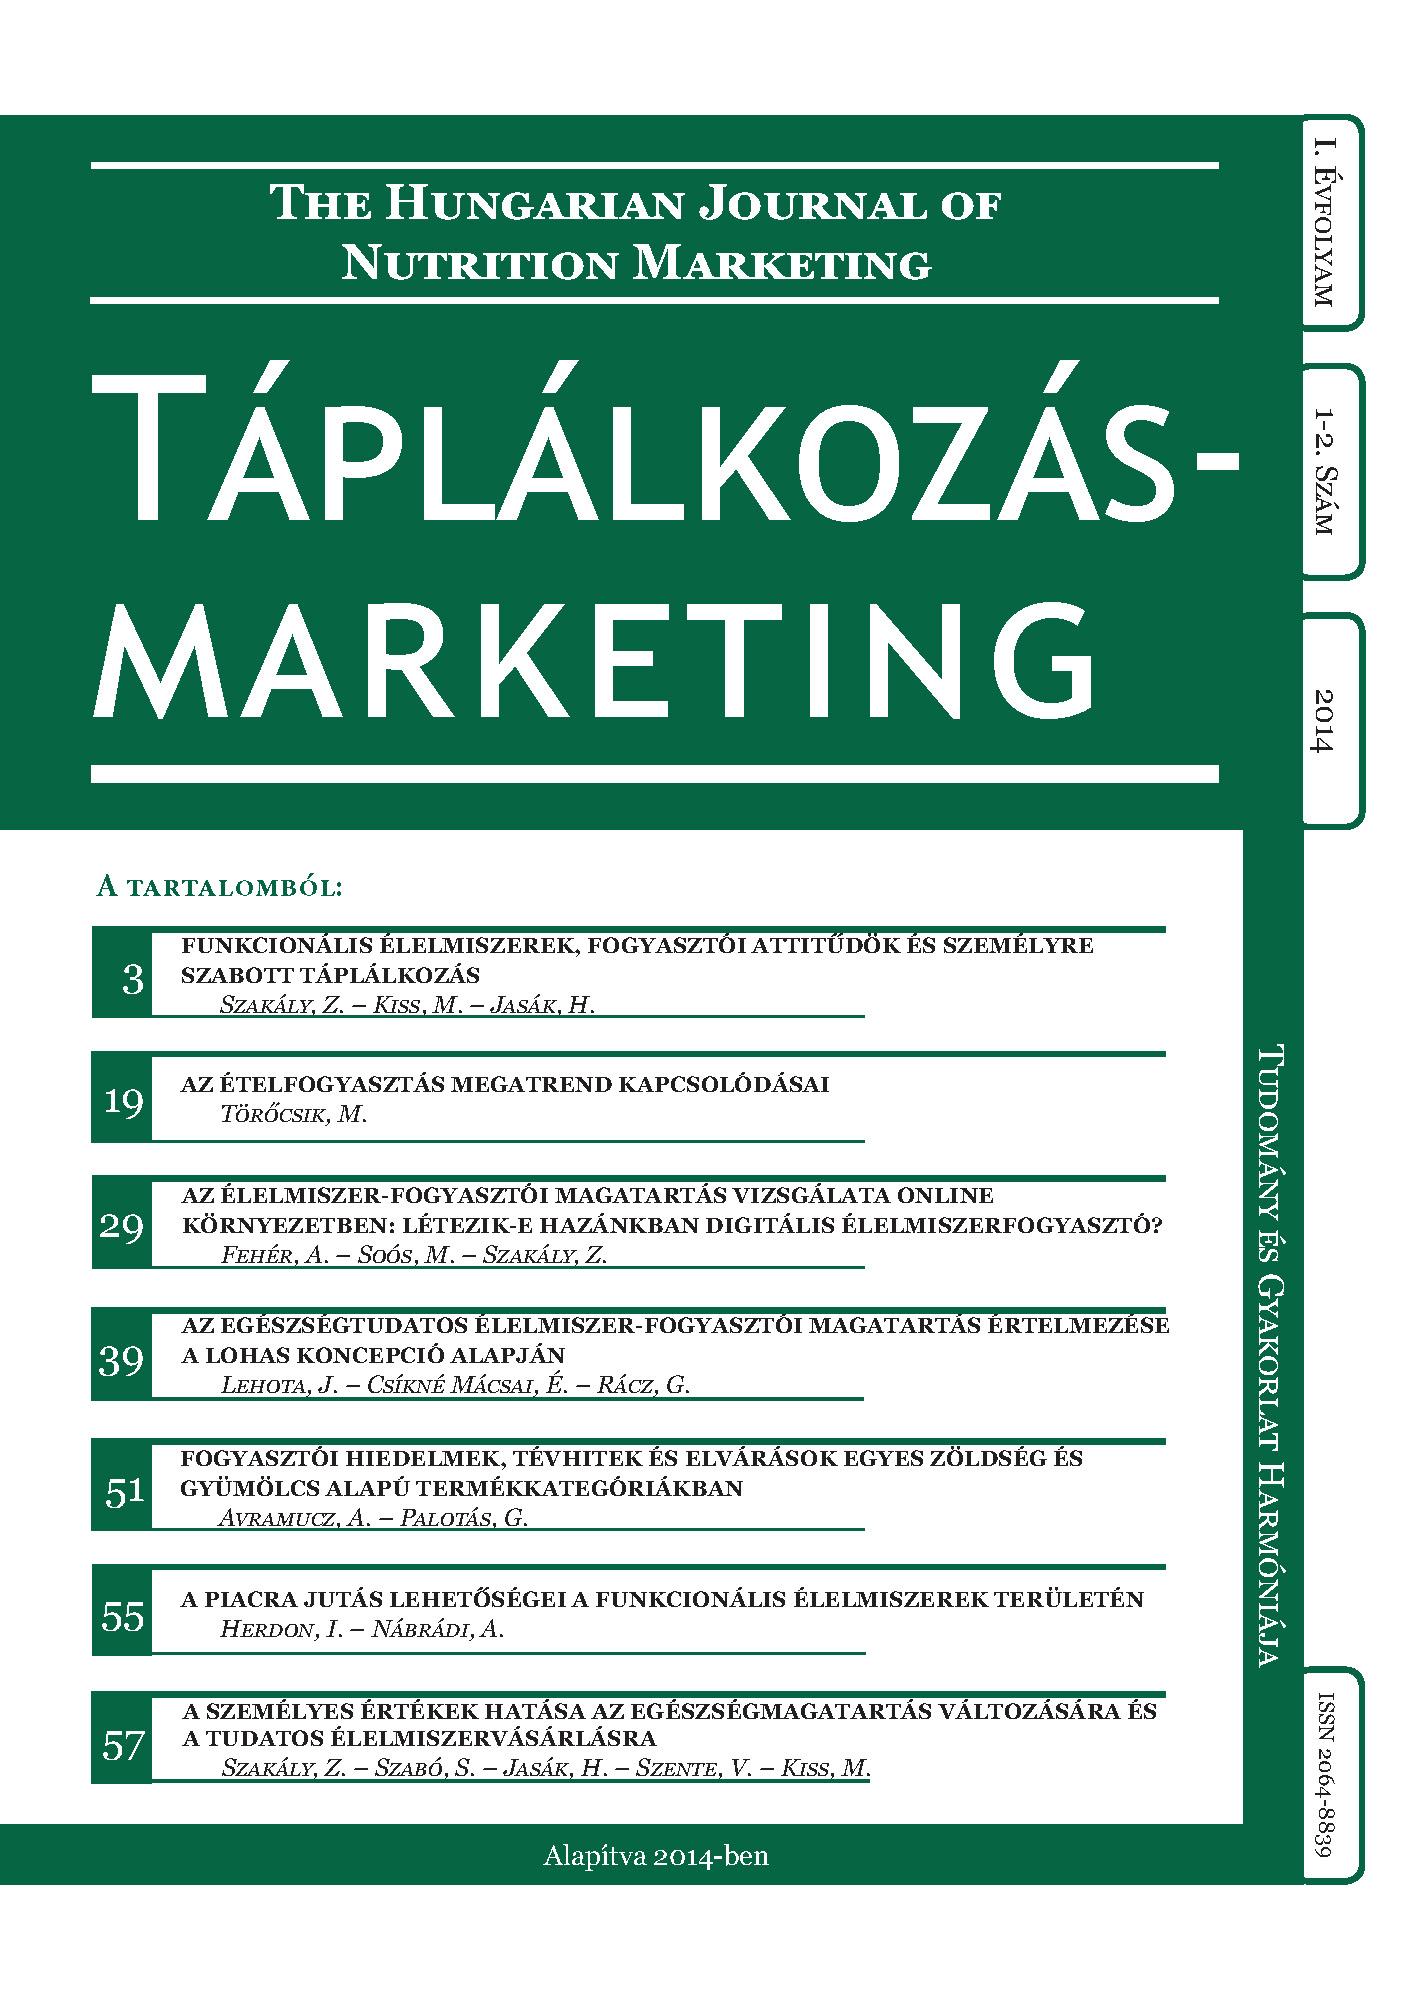 Táplálkozásmarketing_2014_1-2_cover